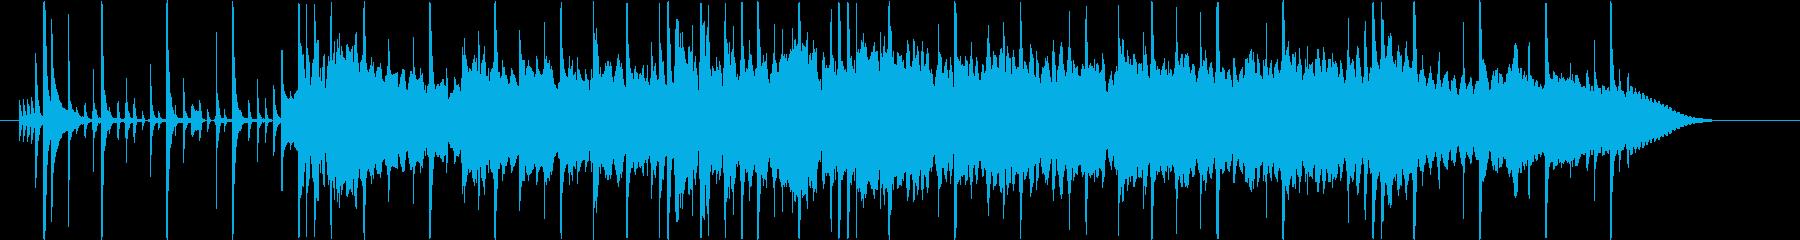 シティポップ風ジングル・サウンドロゴの再生済みの波形